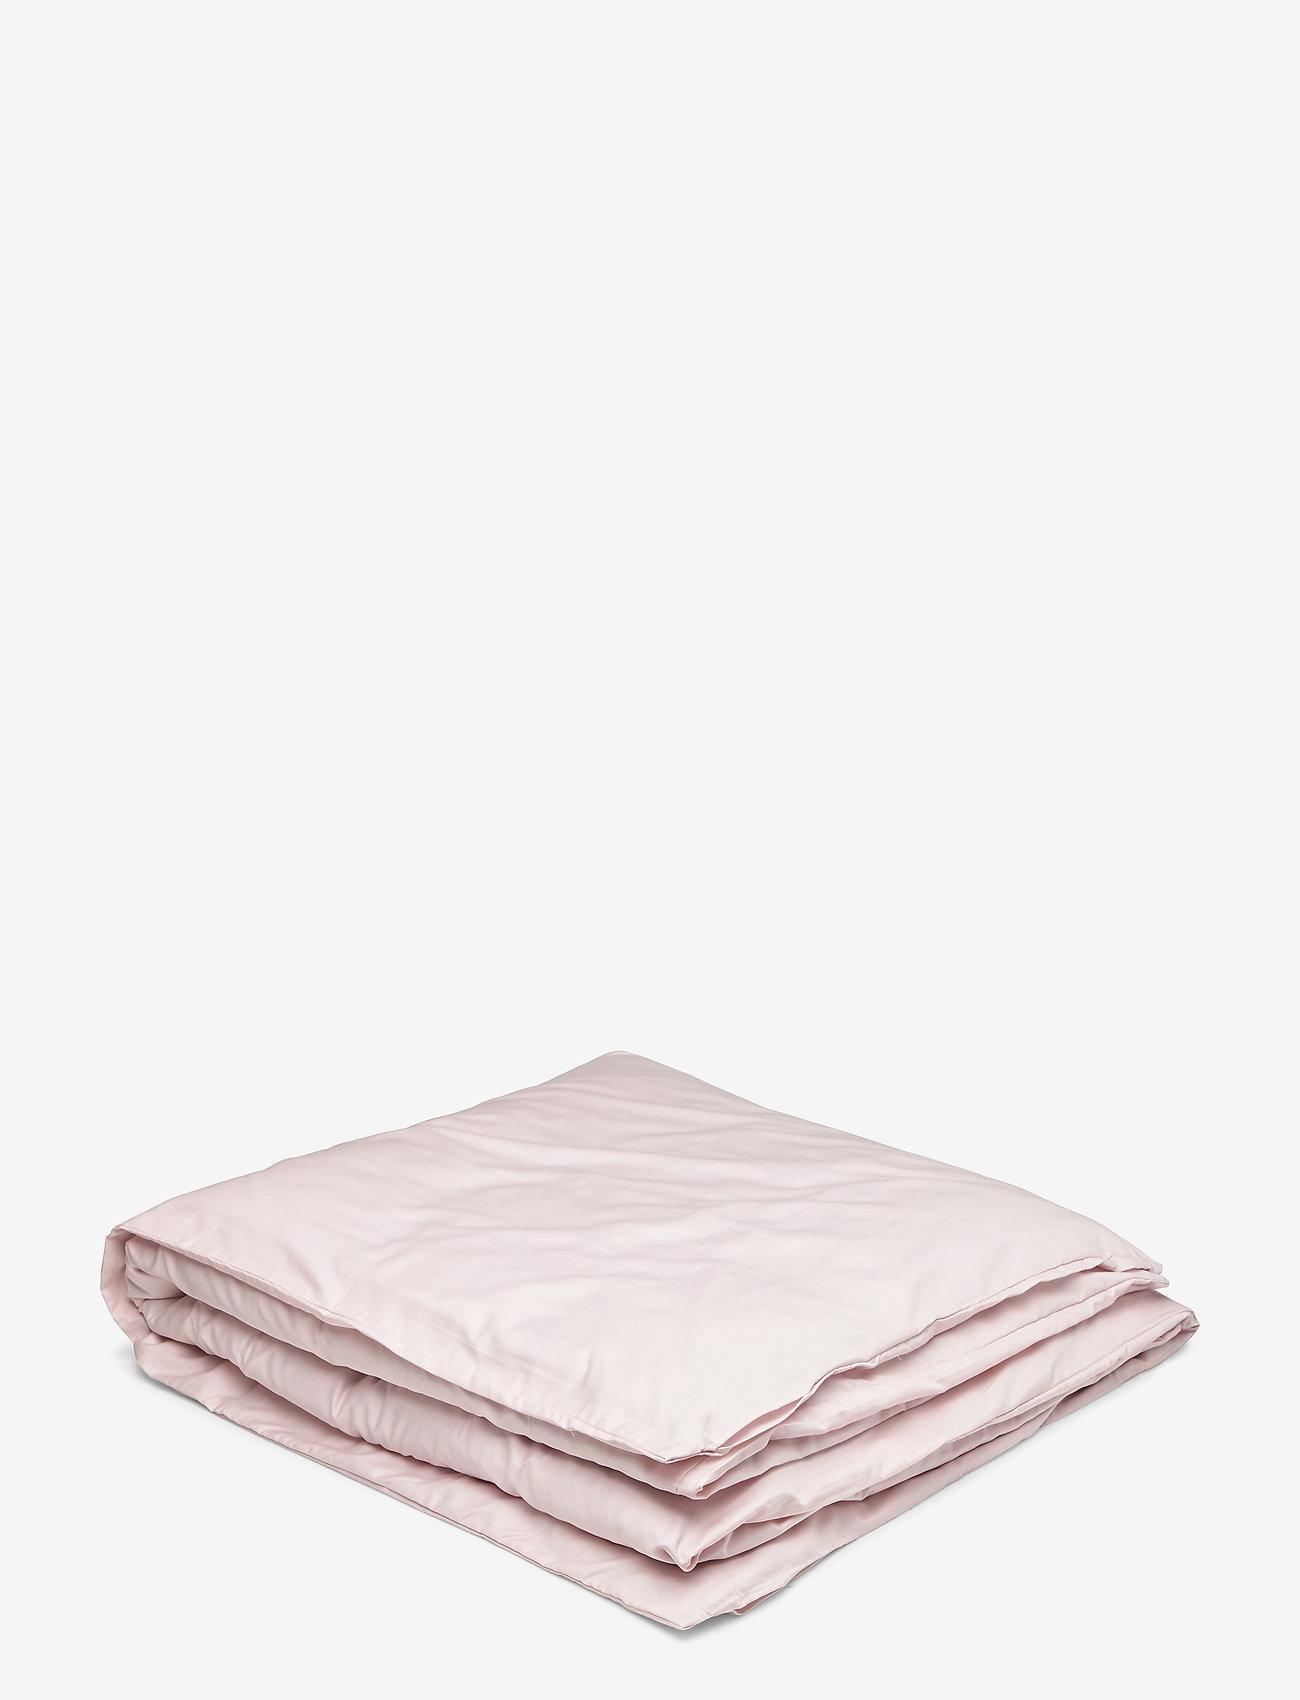 GANT - SATEEN DOUBLE DUVET - duvet covers - pink - 0